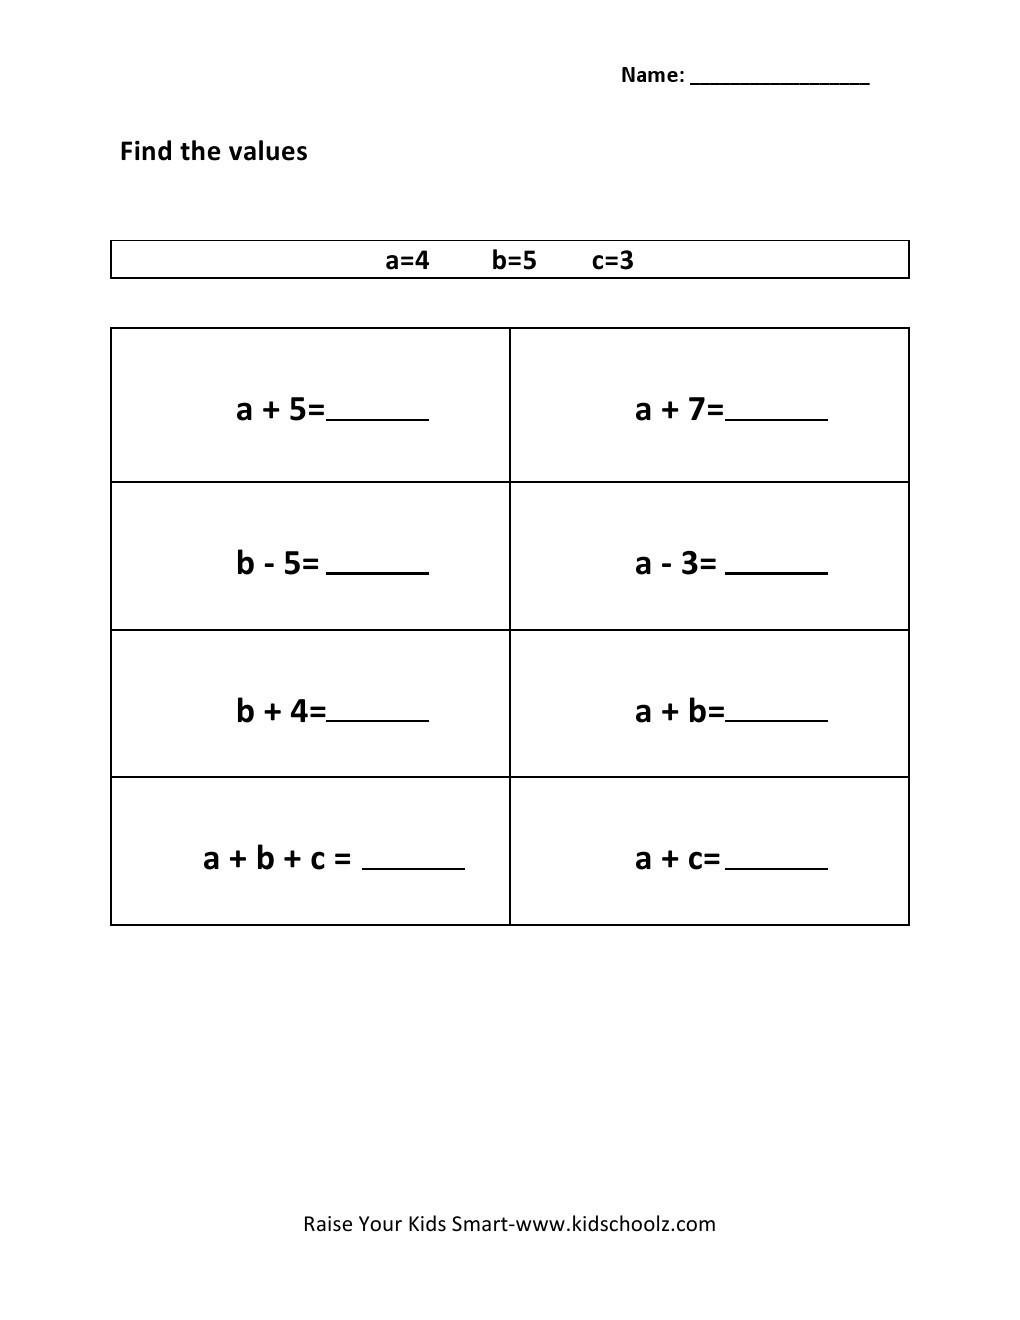 Evaluating Algebraic Expressions Worksheet Grade 3 Evaluating Algebraic Expressions Worksheet 7